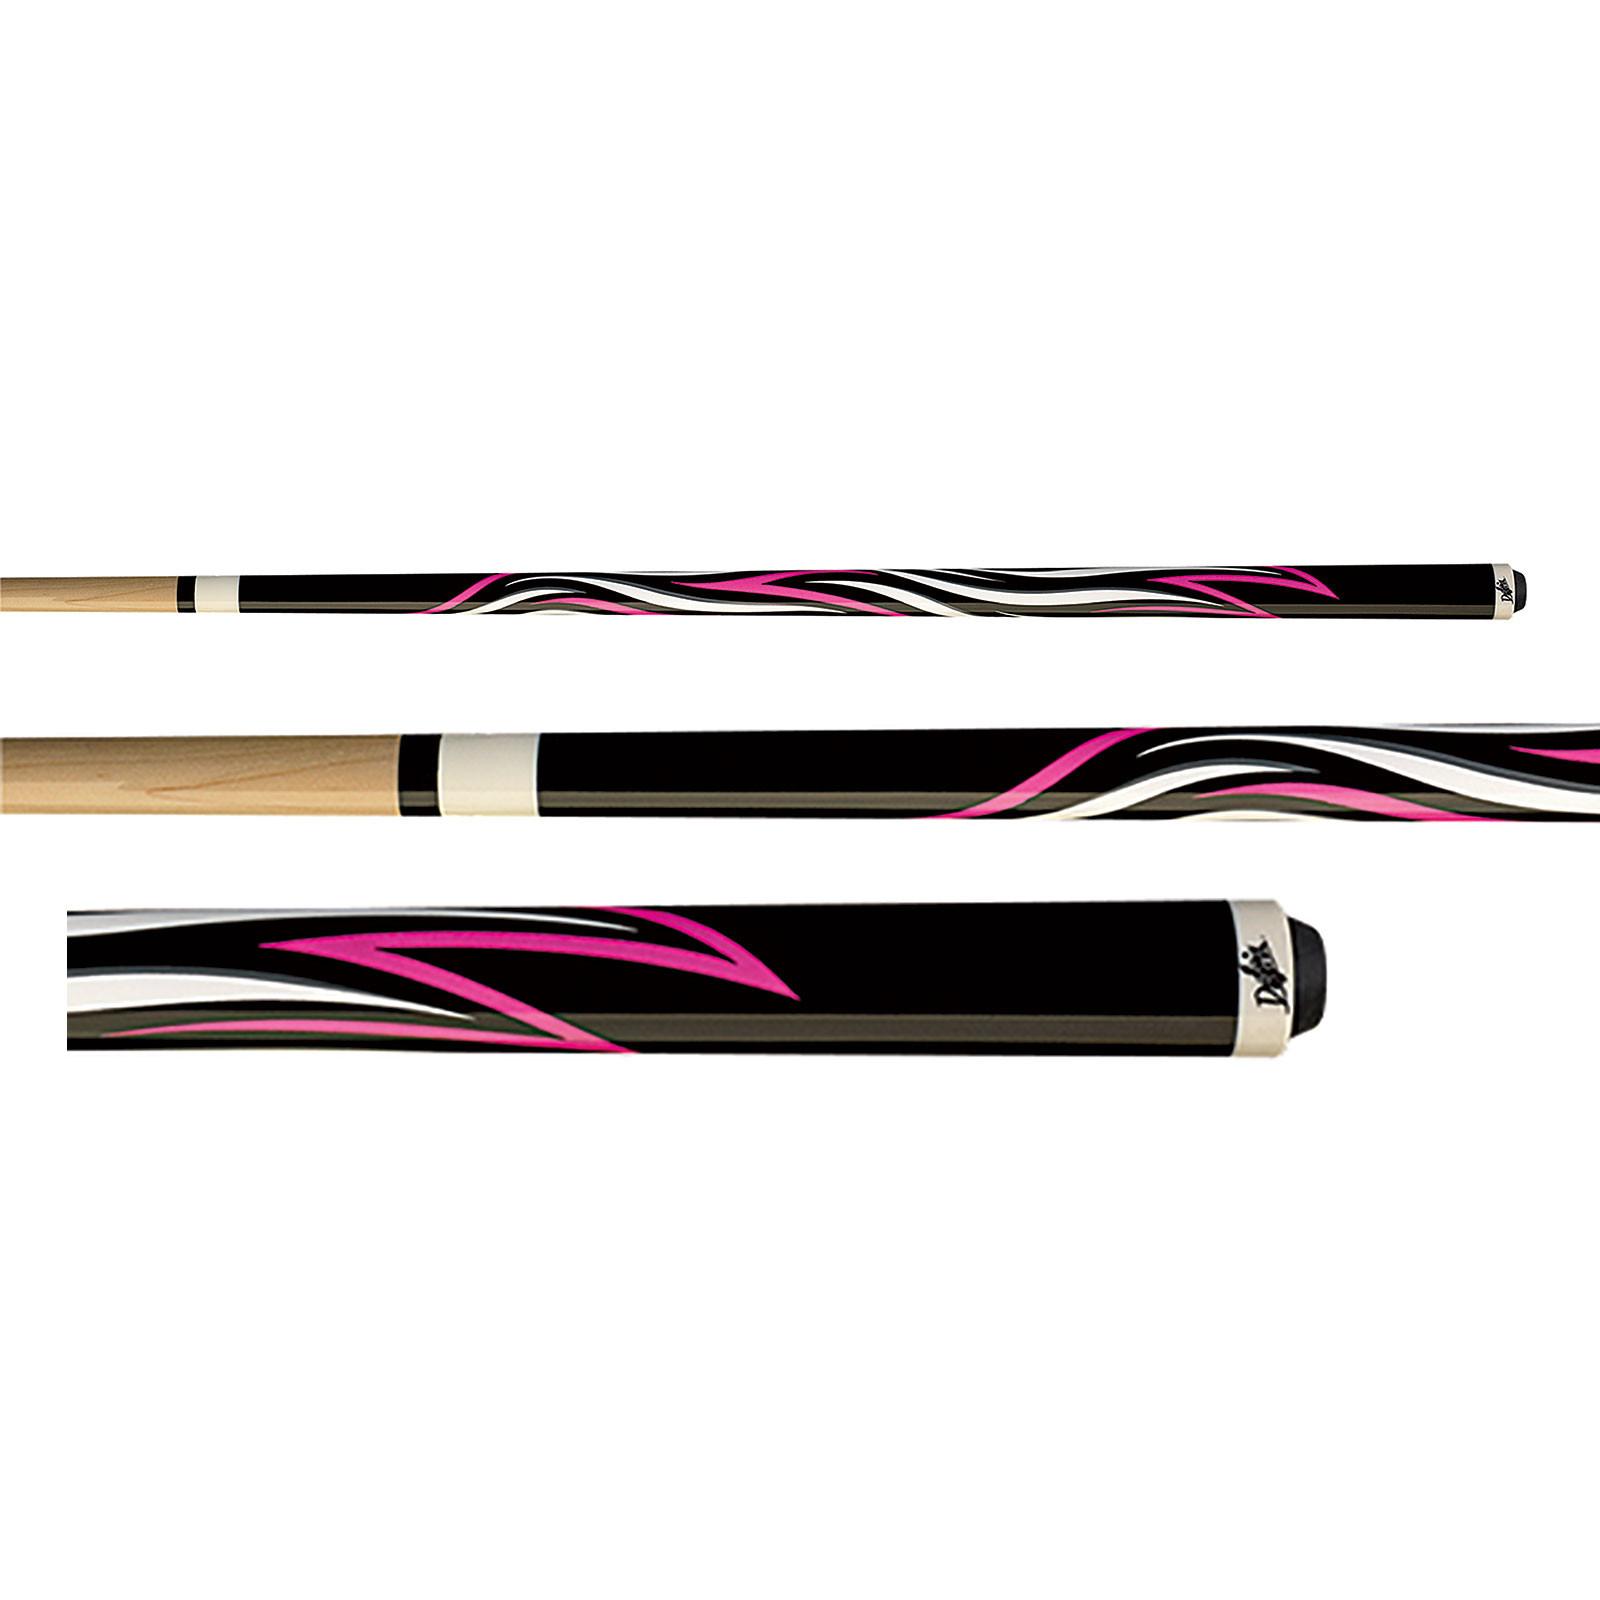 Dufferin D-424 Black Pool Cue Stick